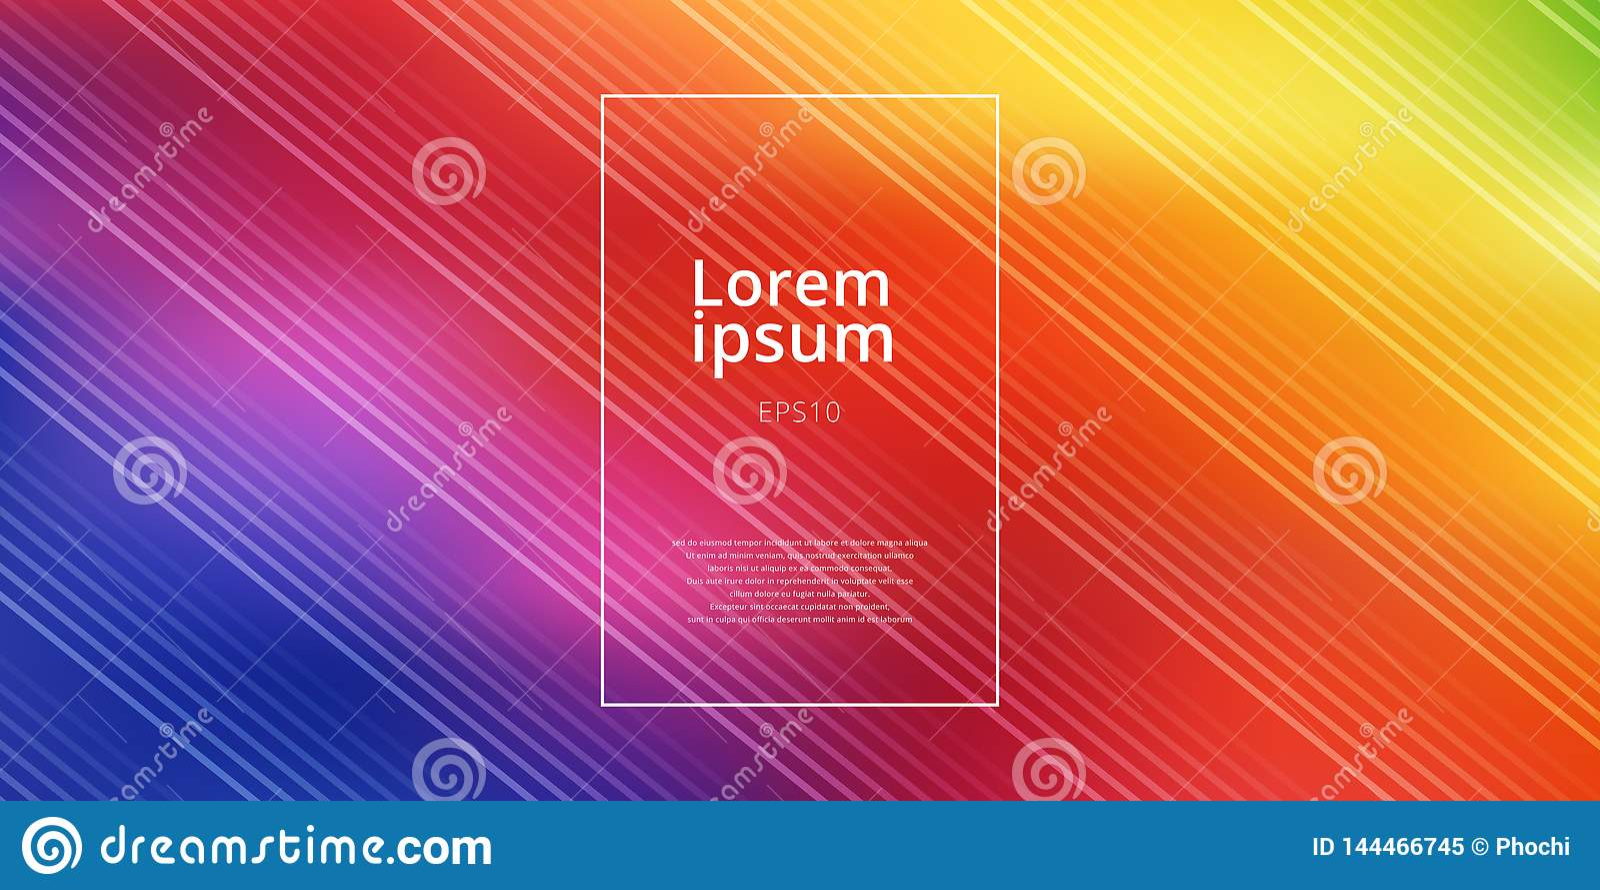 Abstracte heldere de gradiëntnetwerk vage achtergrond van regenboogkleuren met diagonaal lijnenpatroon